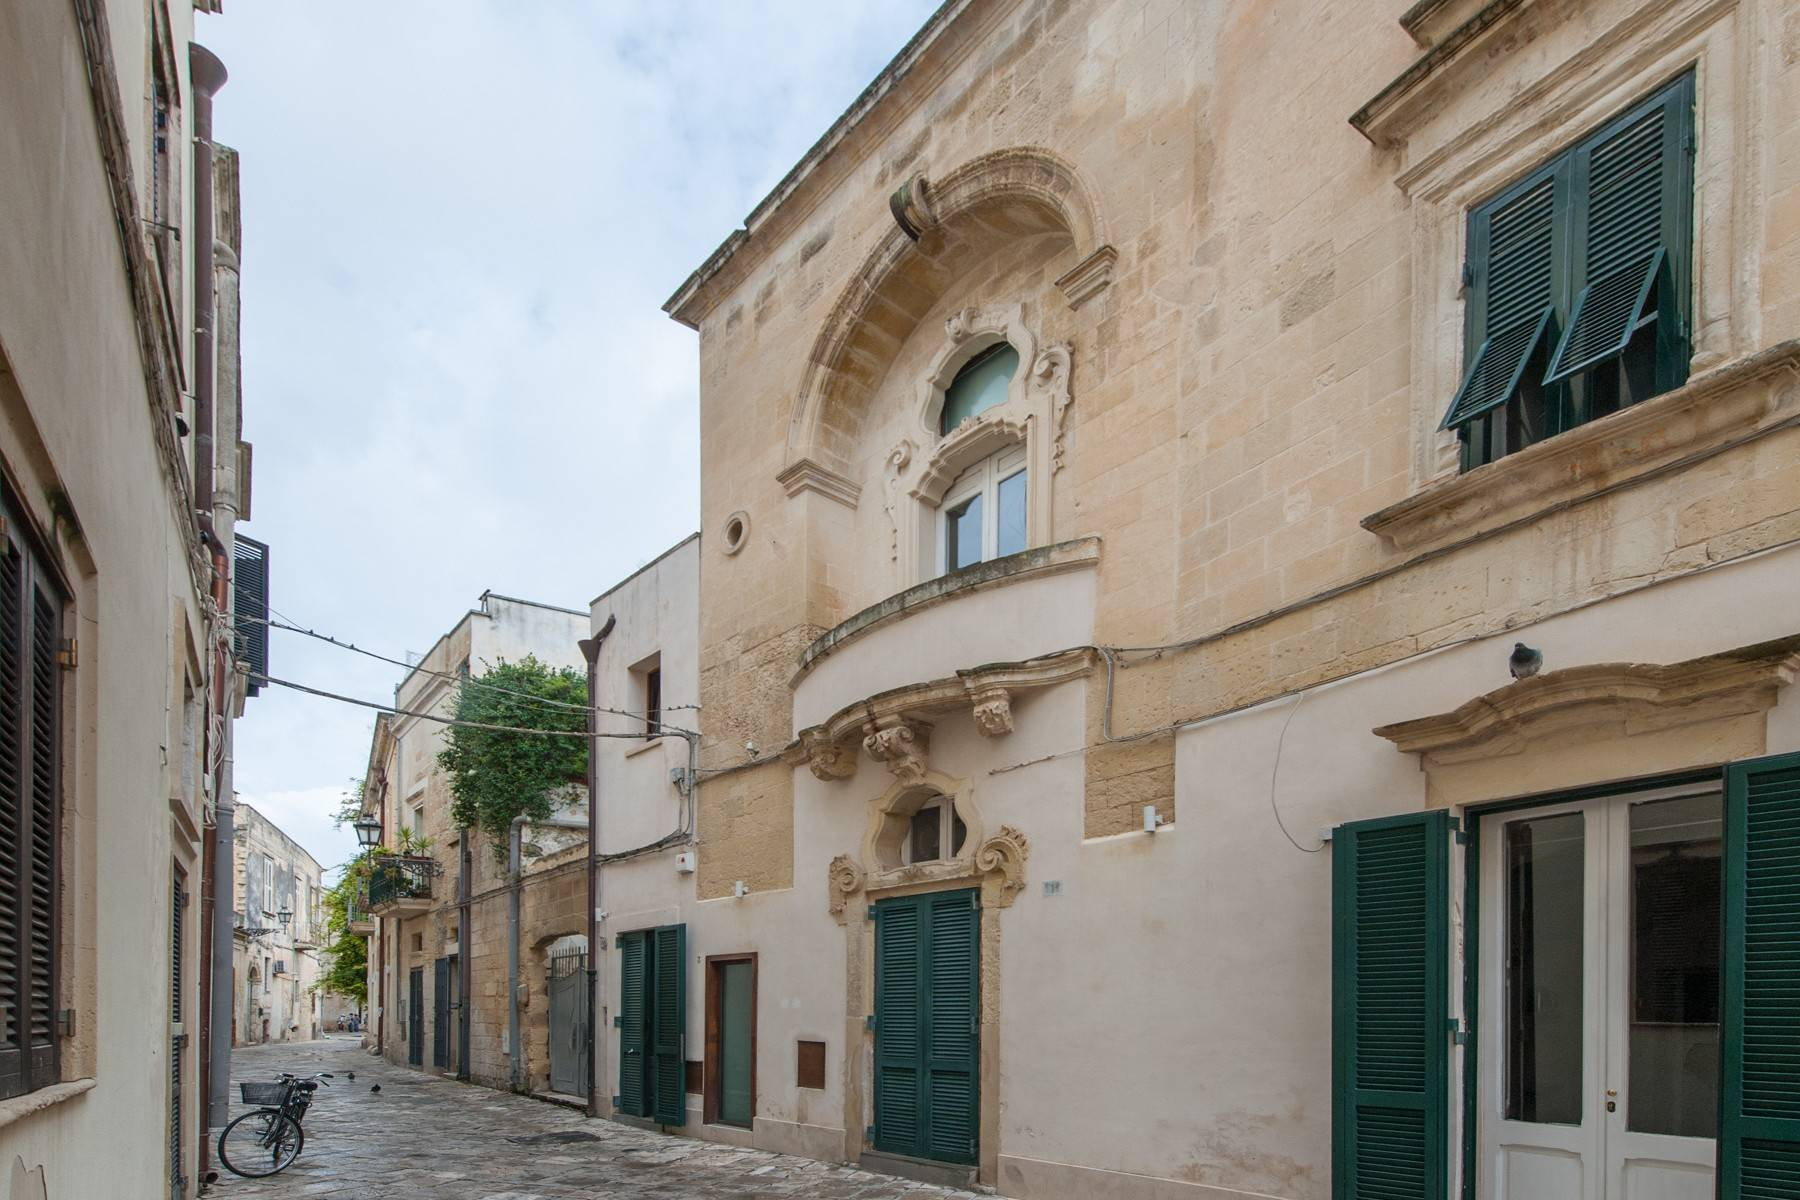 Casa indipendente in Vendita a Lecce: 5 locali, 180 mq - Foto 20